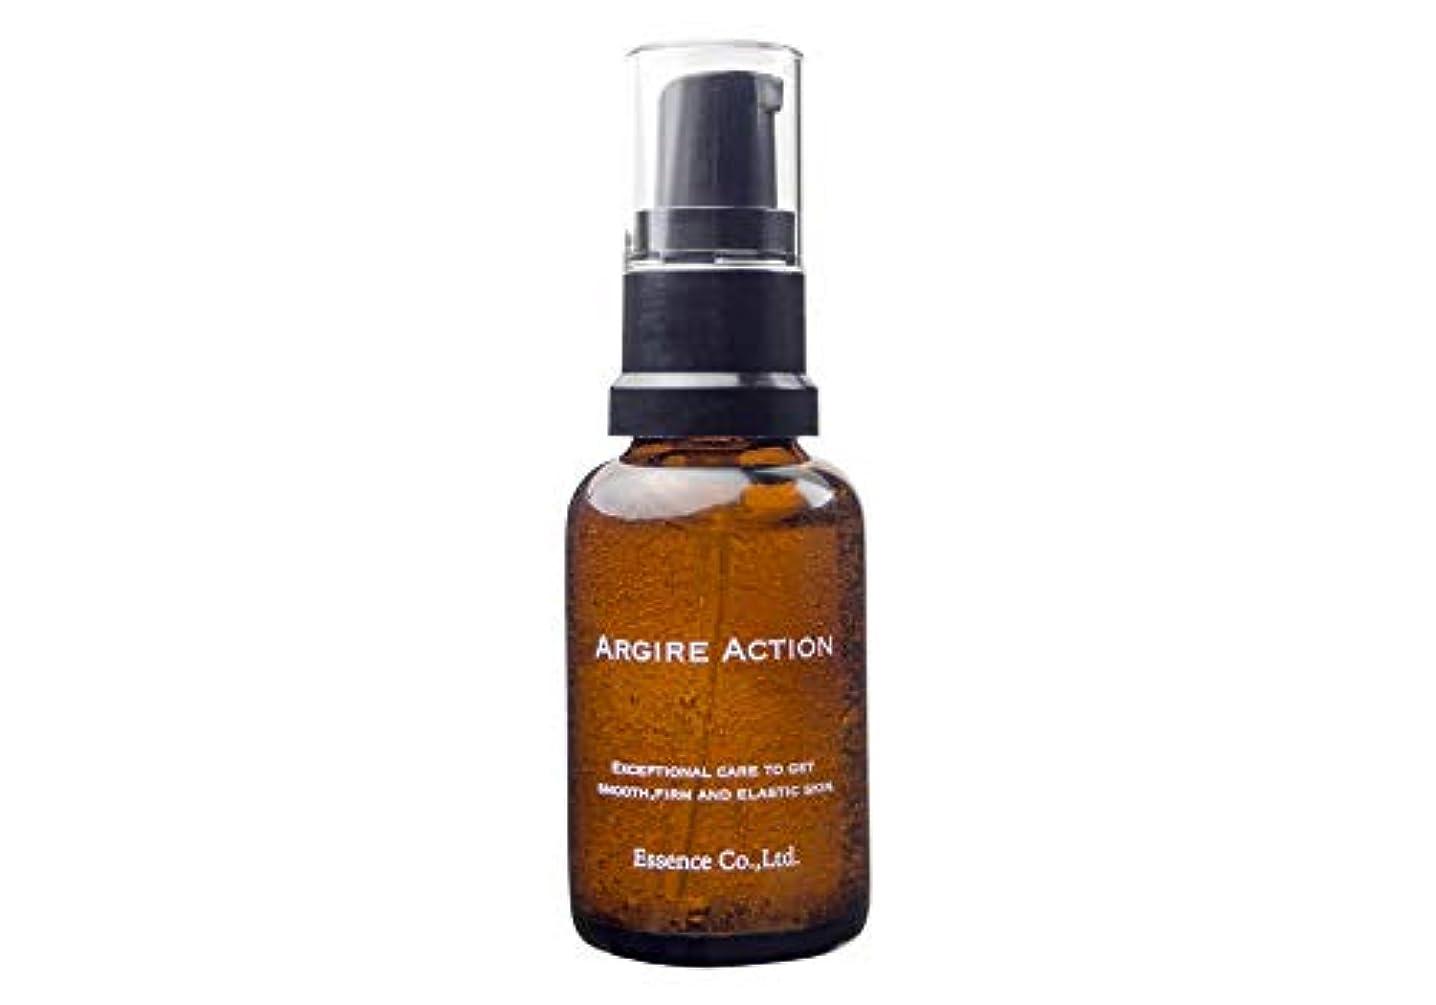 ハングパーツ調停する美容外科で採用 アルジルリン配合 塗るボトックス アルジェアクション 美容液 30ml (4~5ヵ月分)